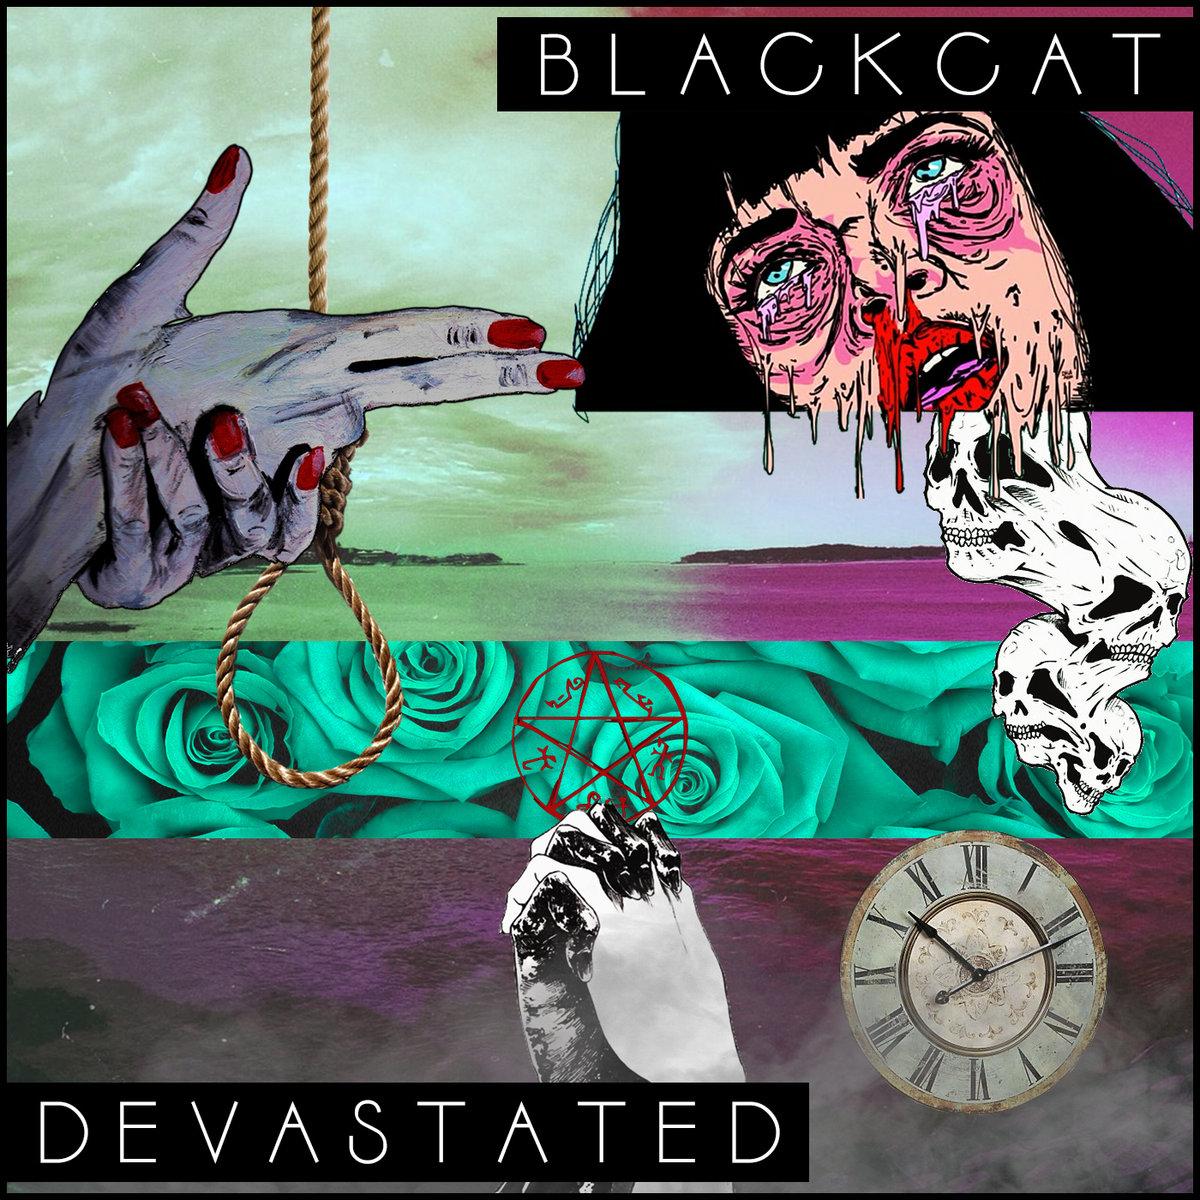 ✝BL▲CK C∆T✝ - DEVASTATED